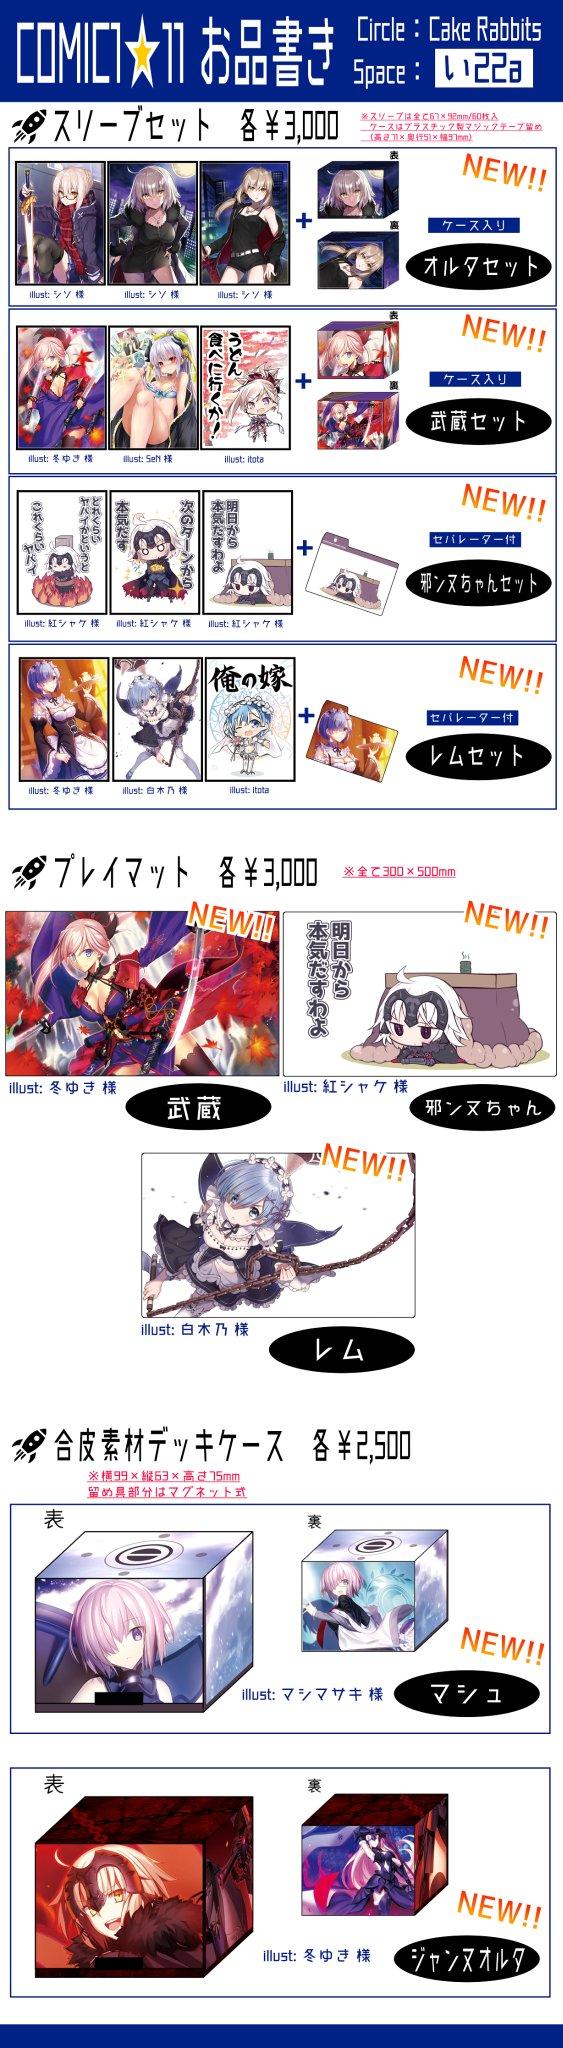 comic1-11-cr-018.jpg